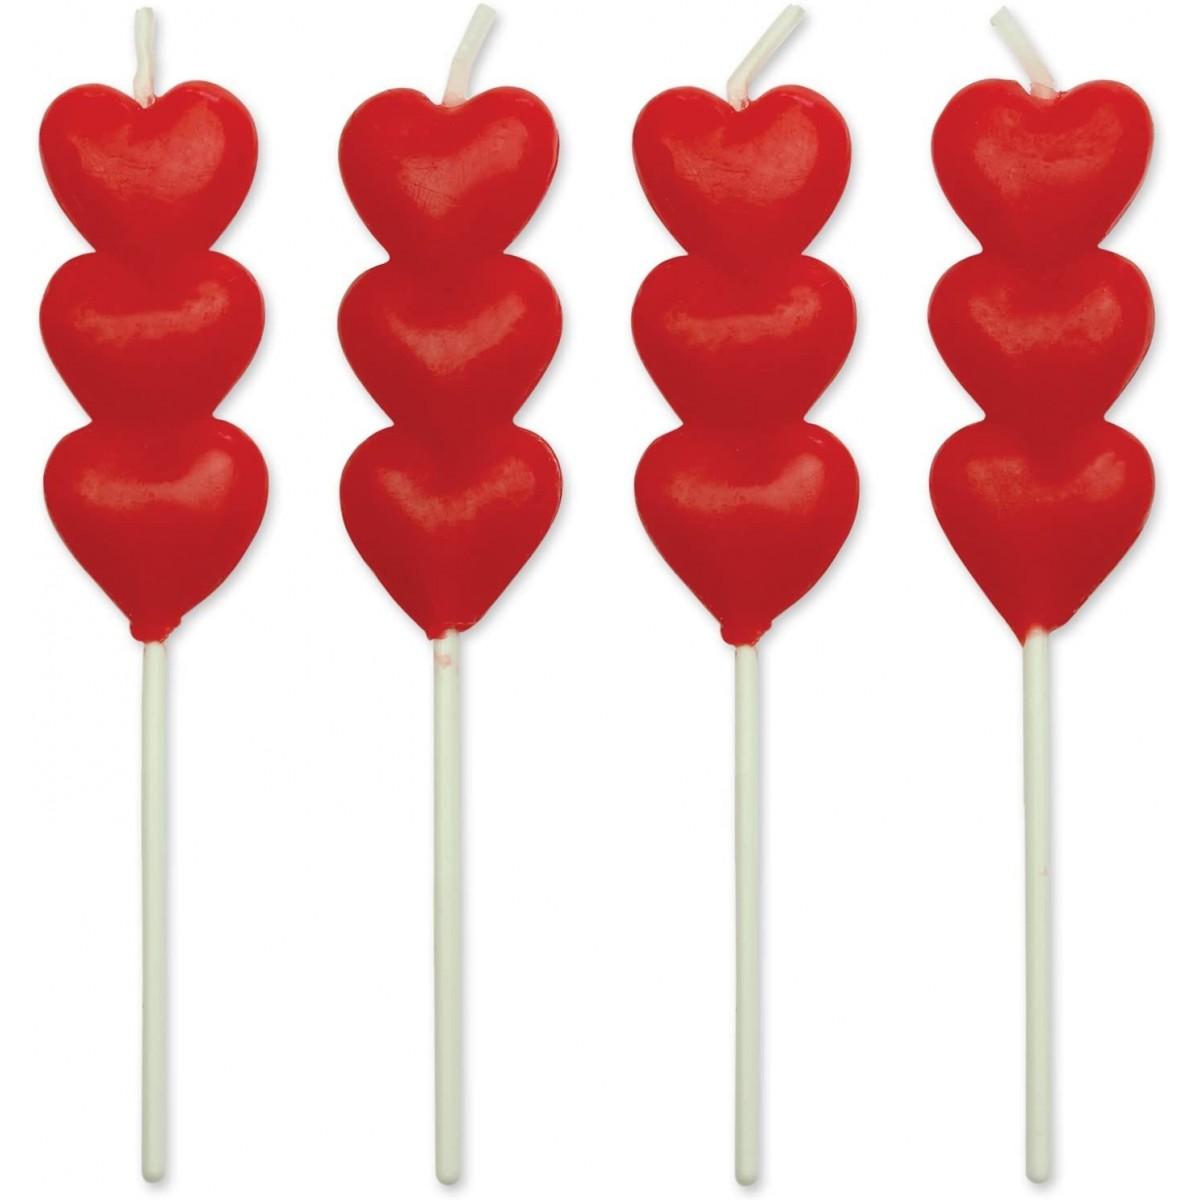 Set 8 Candele forma cuore per torte, perfette per decorazioni romantiche